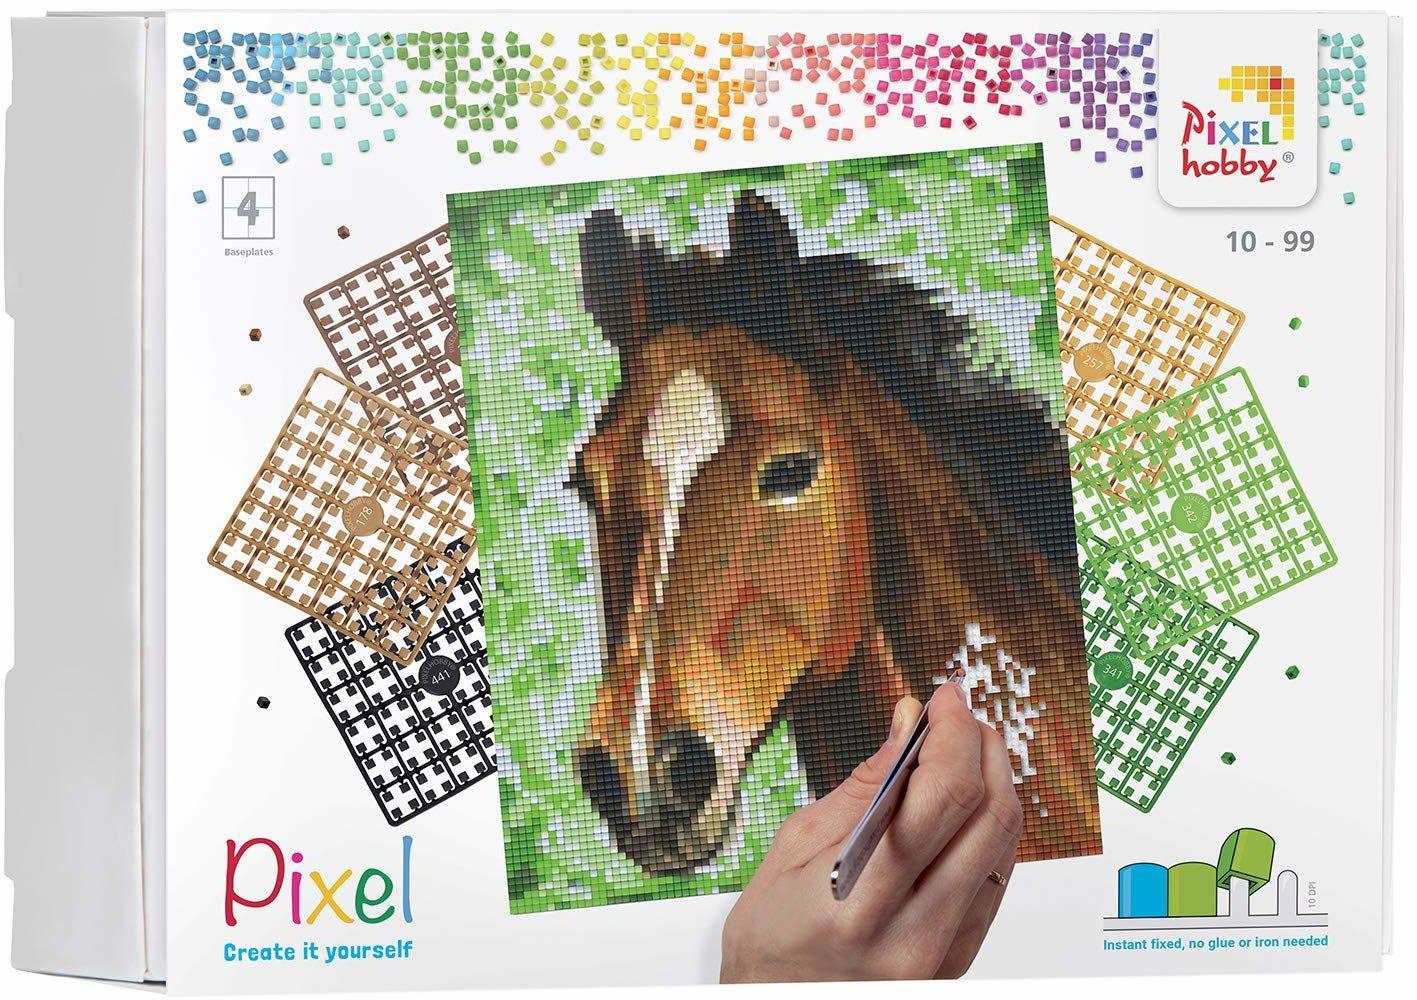 Pixel P090027 Mozaika opakowanie na prezent koń Obraz pikseli około 20,3 x 25,4 cm rozmiar do tworzenia dla dzieci i dorosłych, kolorowy